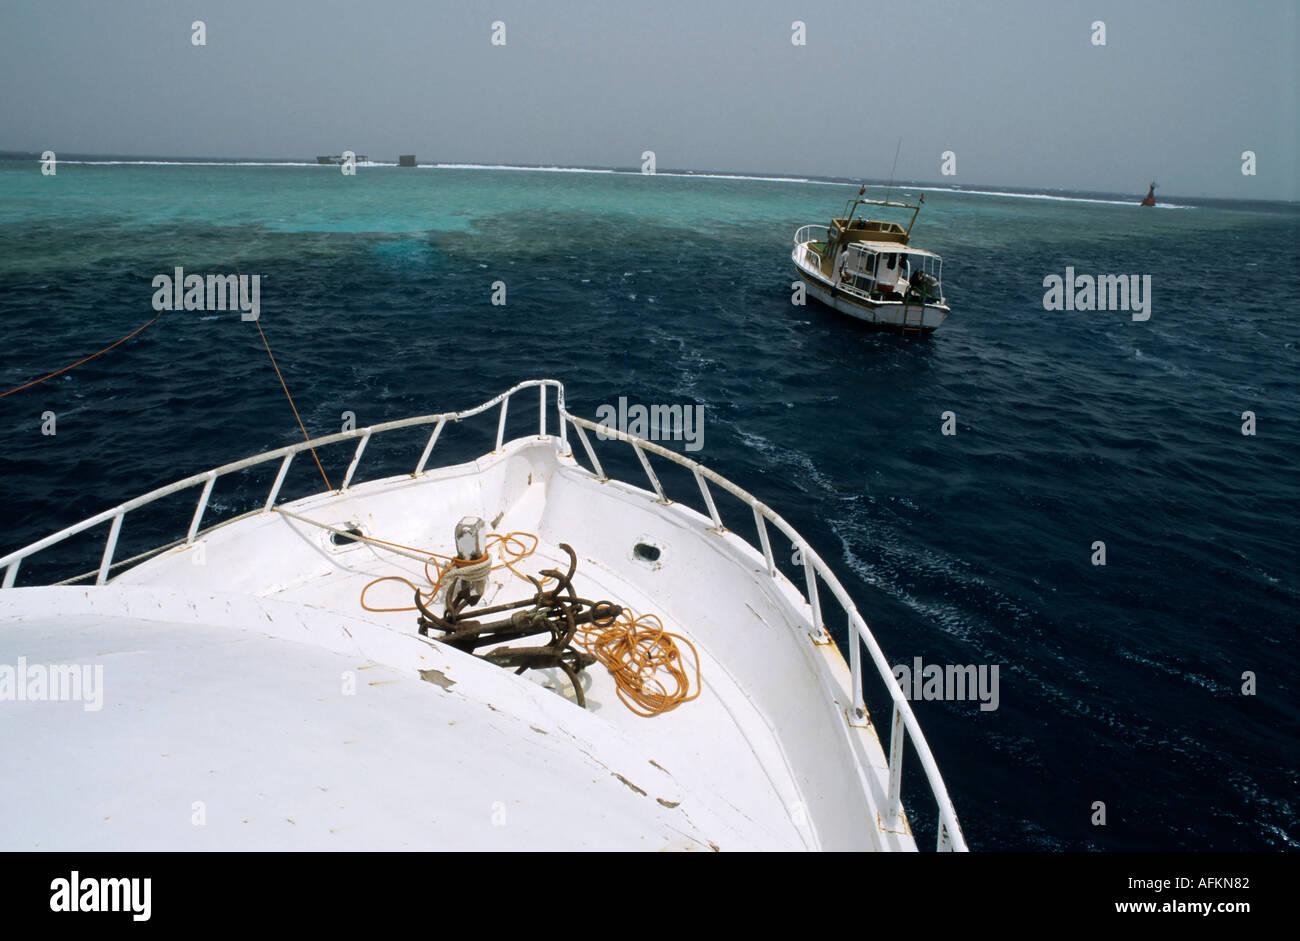 Tauchboote Segeln im Roten Meer in der Nähe von Tiran Island, Ägypten. Stockbild